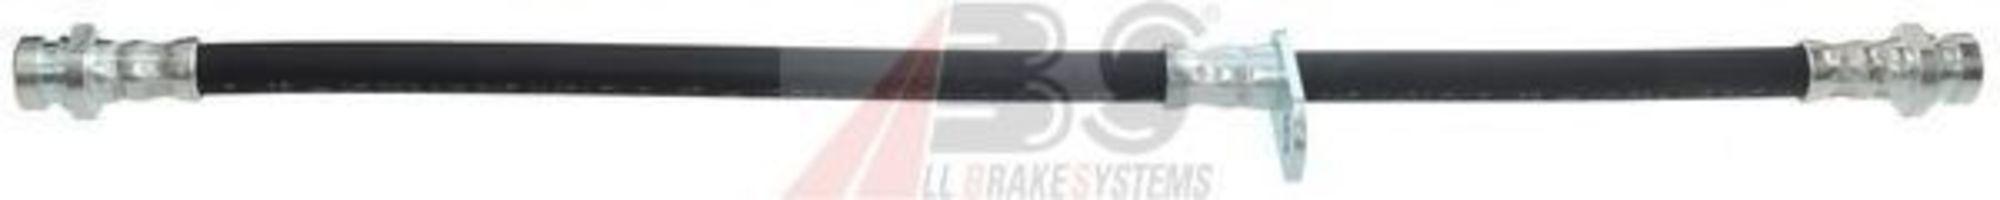 Шланг тормозной A.B.S. SL 6245